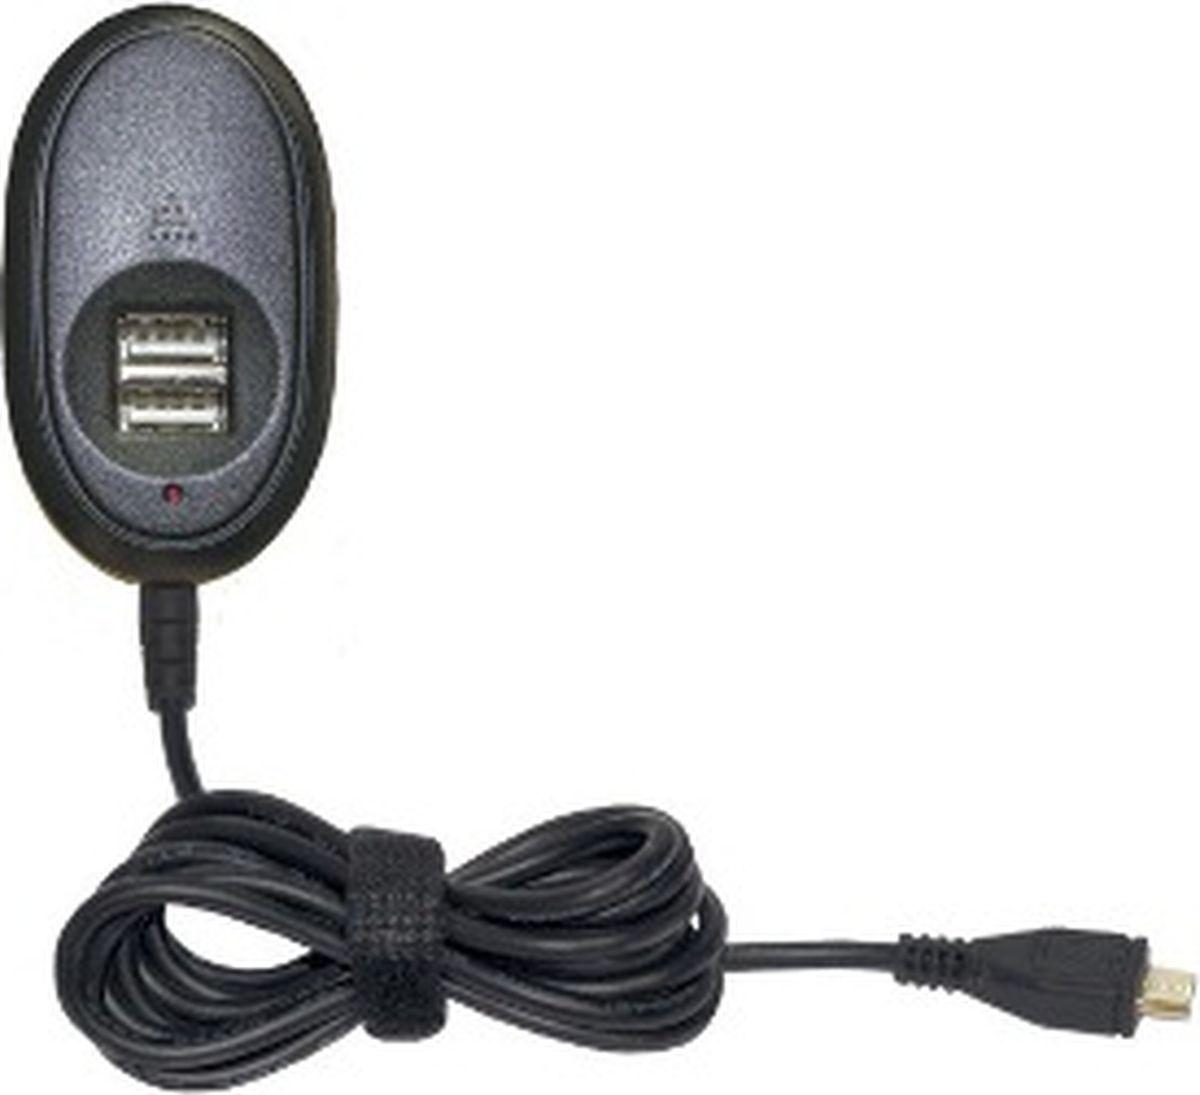 Фото - Ginzzu GA-3412UB, Black сетевое зарядное устройство + кабель micro USB автомобильное зарядное устройство ginzzu ga 4502ub азу 5в 2 4a qc3 0 5v 9v 12v